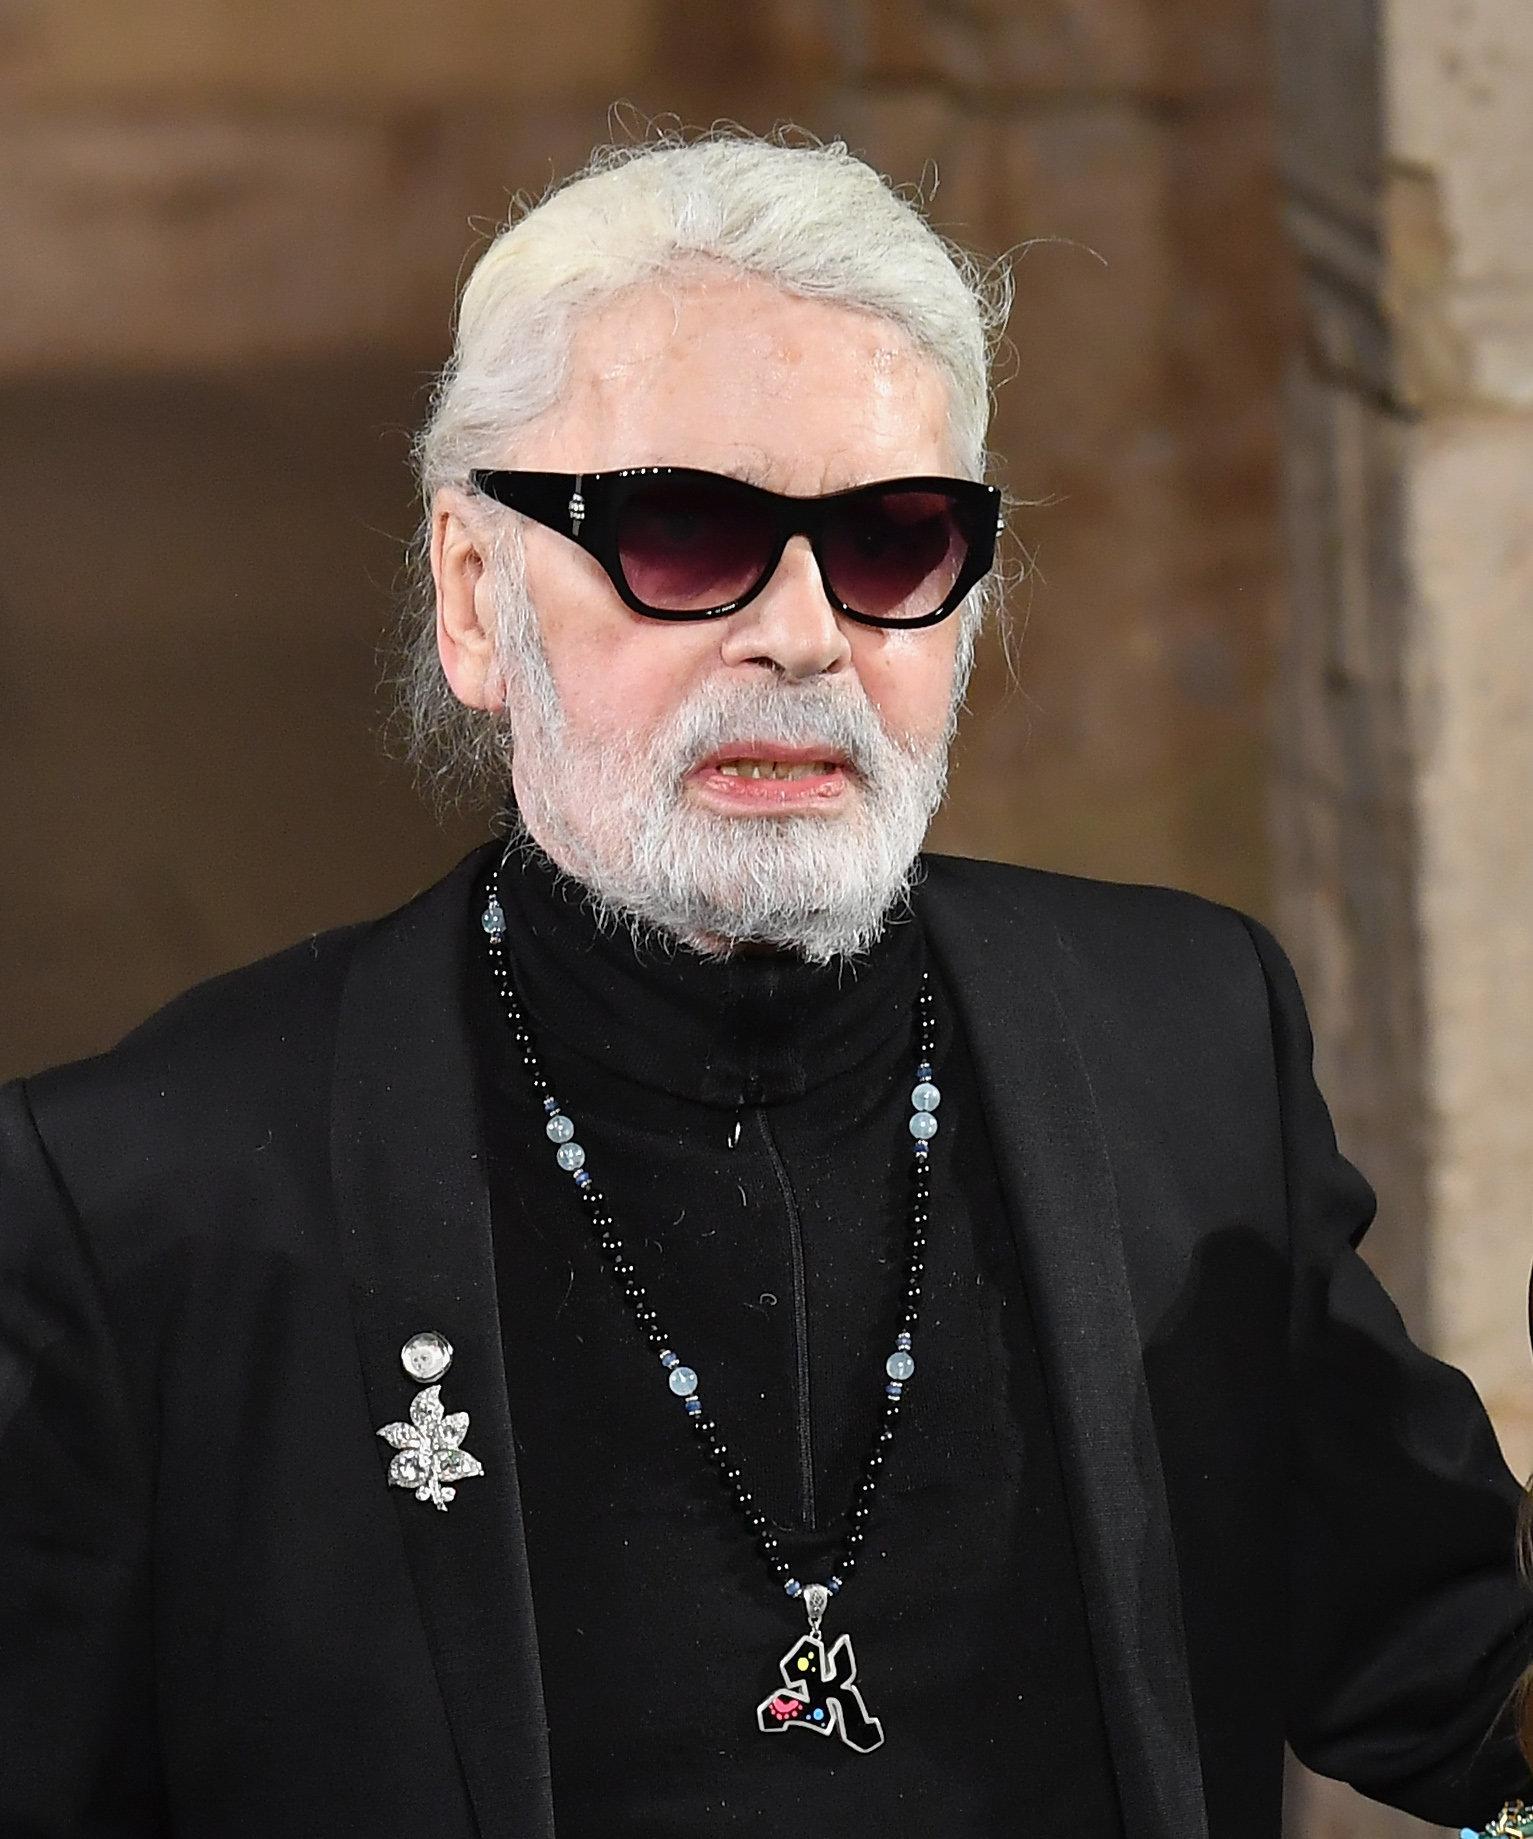 Il s'est éteint à l'âge de 85 ans: Quand Karl Lagerfeld qualifiait Azzedine Alaïa de